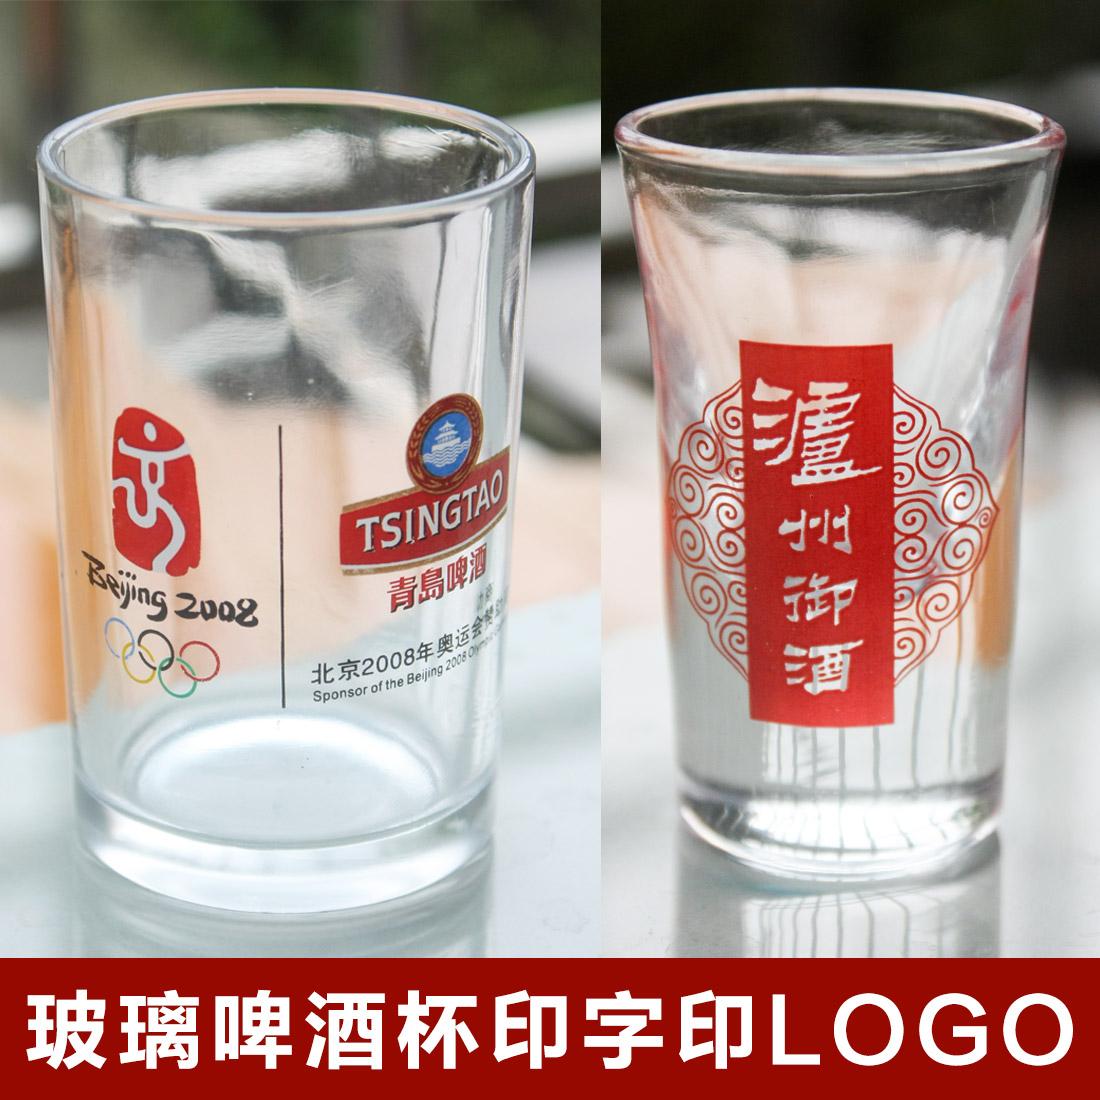 Прозрачное стекло пиво чашка печать печать logo печать жаркое цветочный узор личность бар магазин KTV сделанный на заказ оптовая торговля